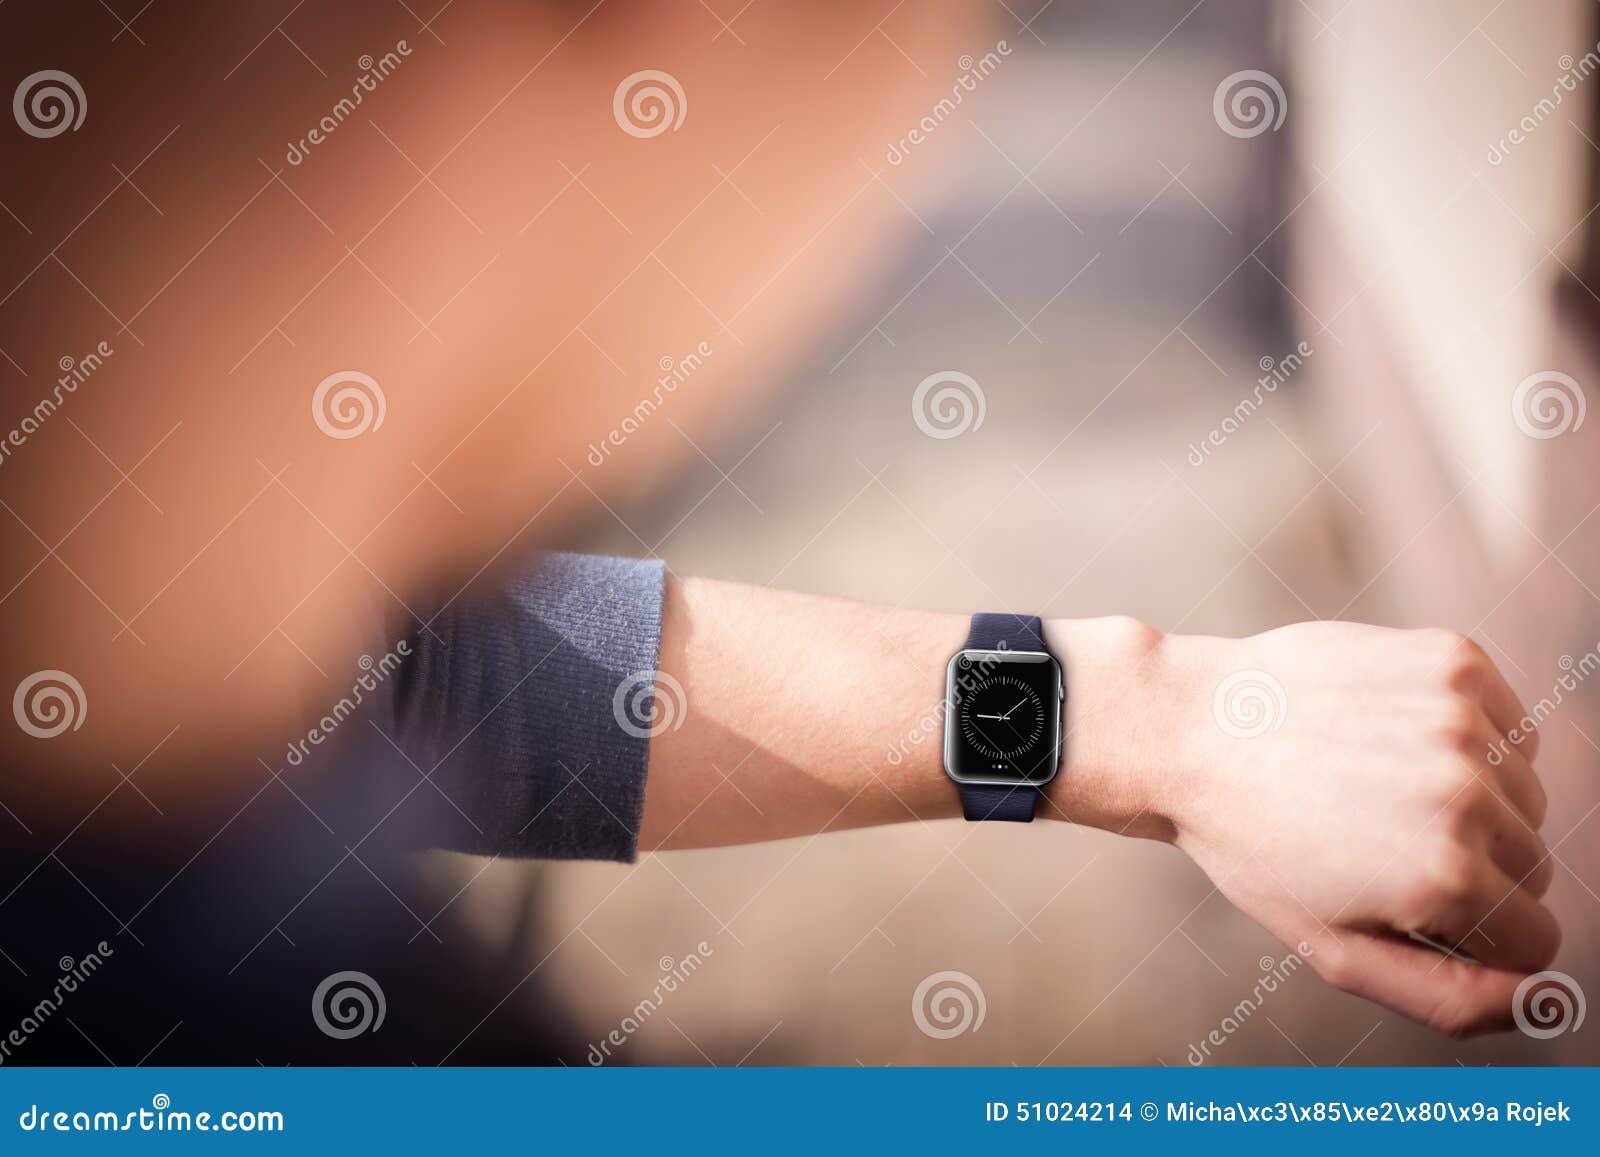 Hand wearing elegant smartwatch